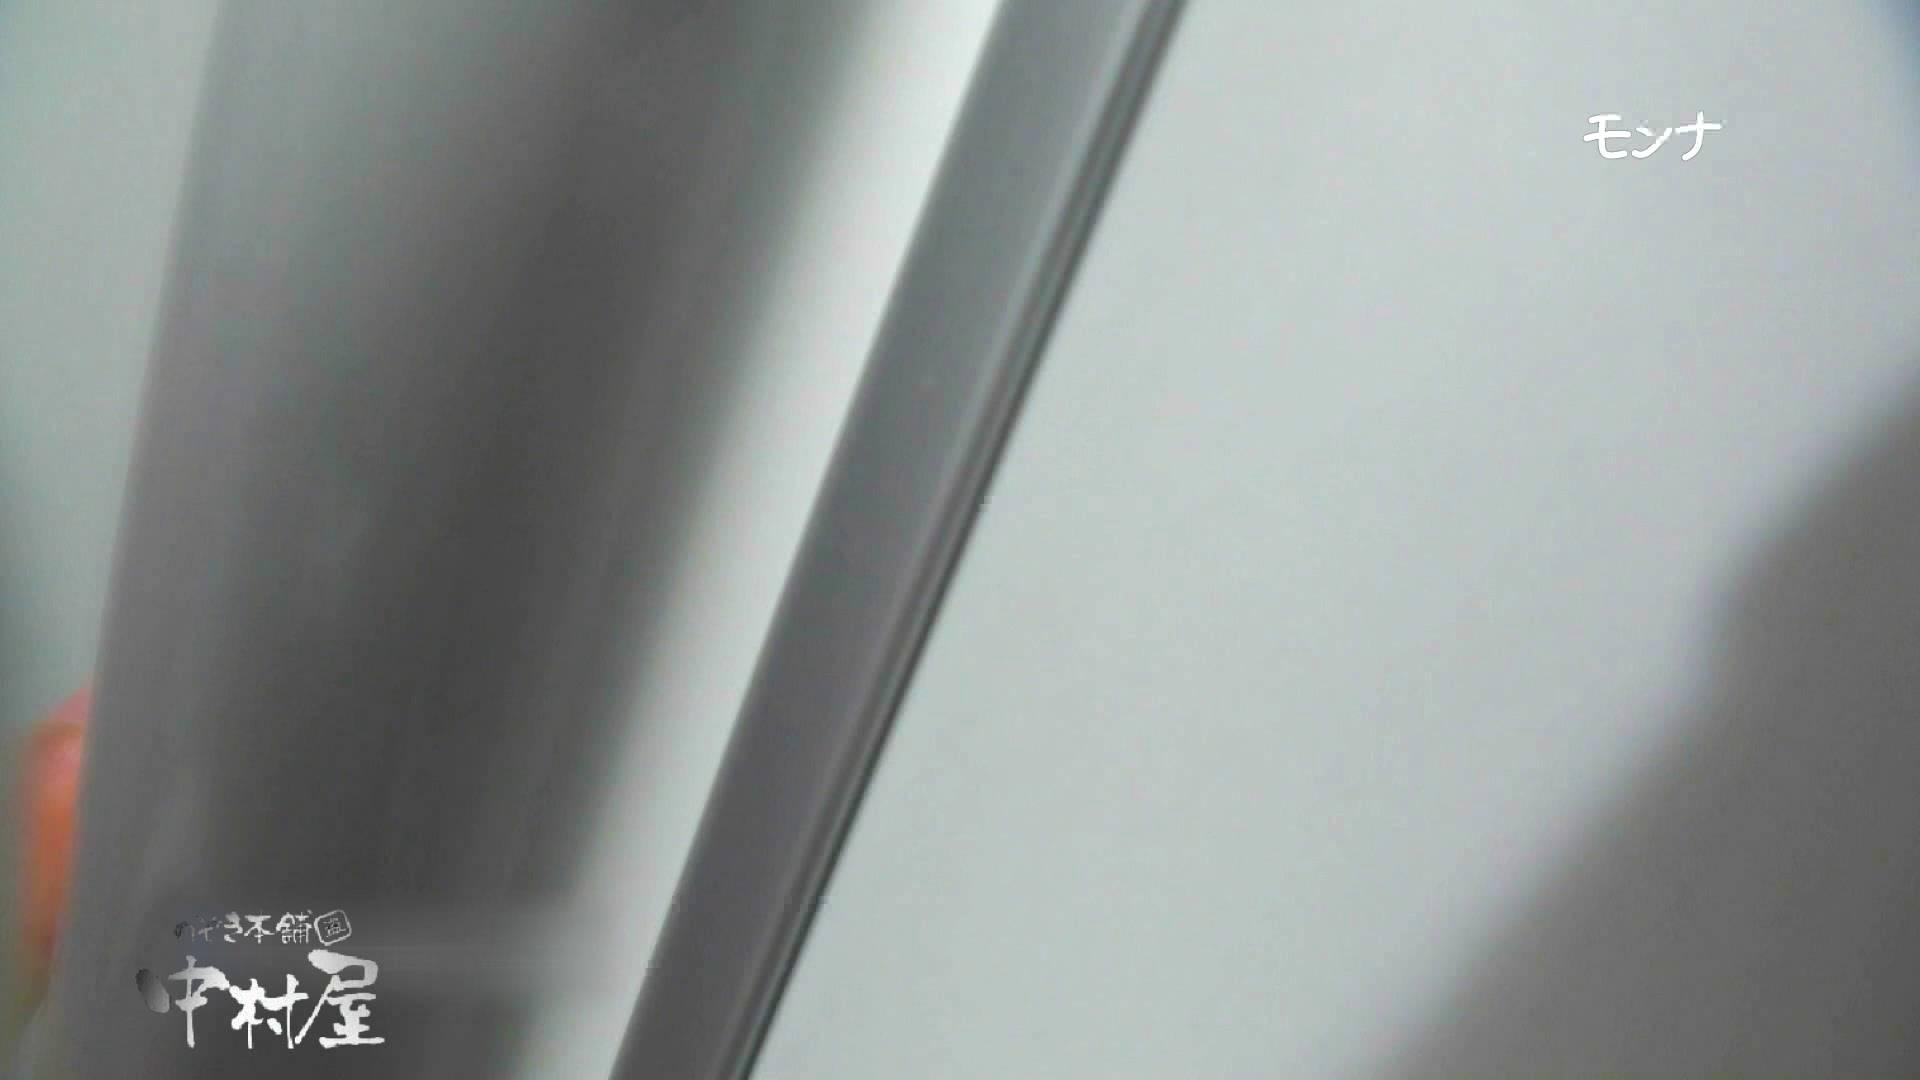 【美しい日本の未来】遂に!!戸田恵梨香似の予告モデル登場ダッシュで「大」前編 おまんこ見放題  75PIX 52